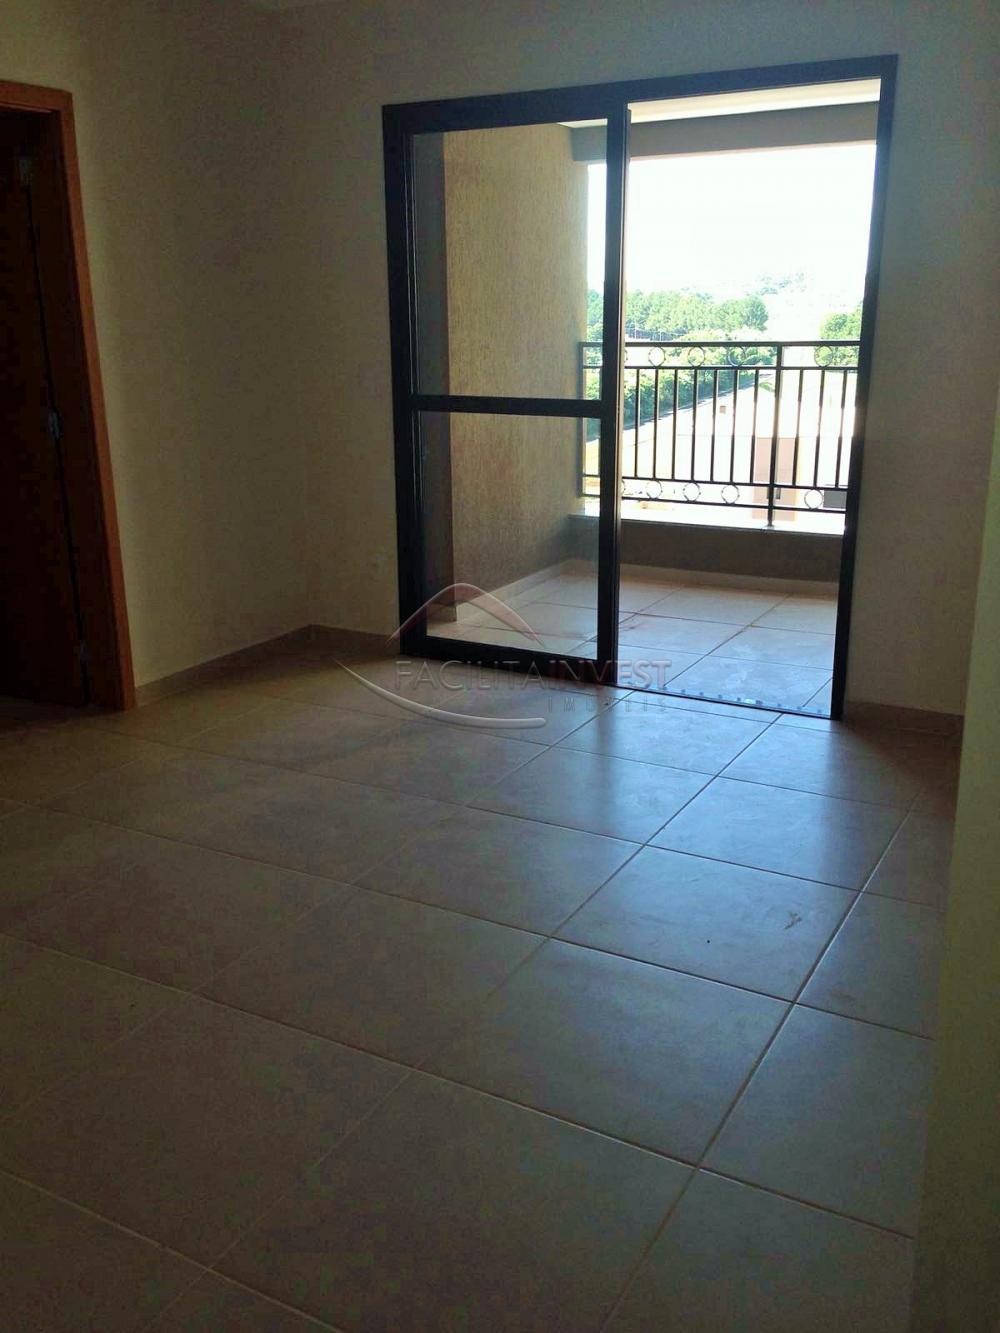 Alugar Apartamentos / Apart. Padrão em Ribeirão Preto apenas R$ 1.900,00 - Foto 10